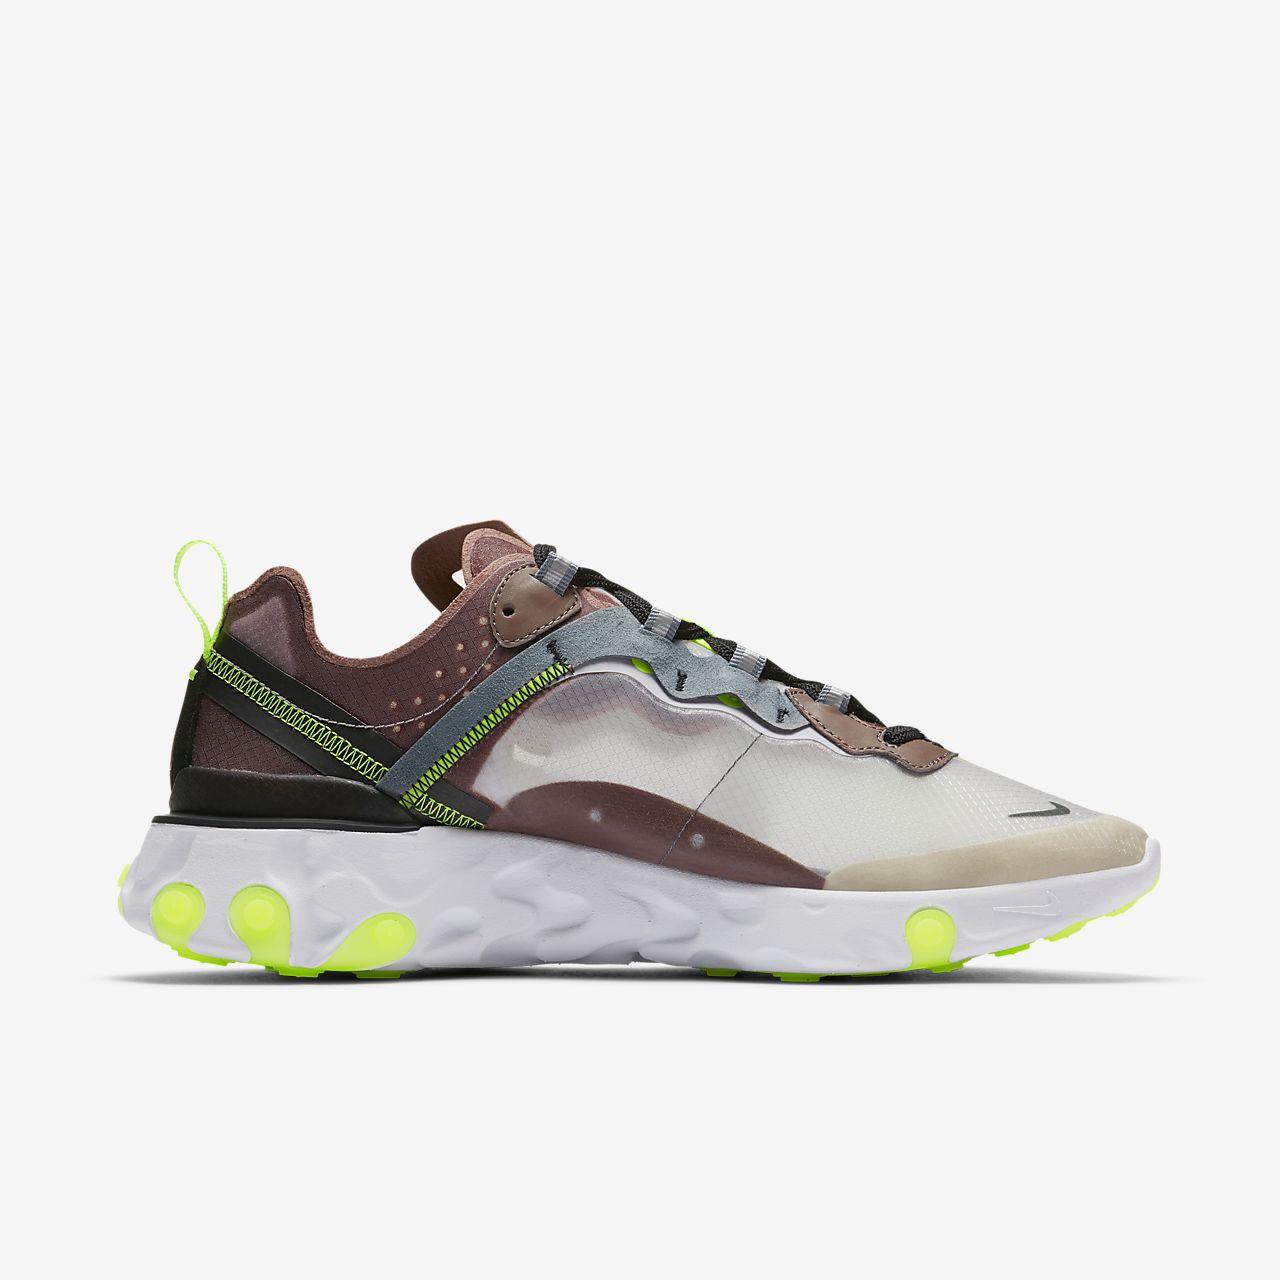 new arrival 4679f 50ad7 ... Nike React Element 87 herresko